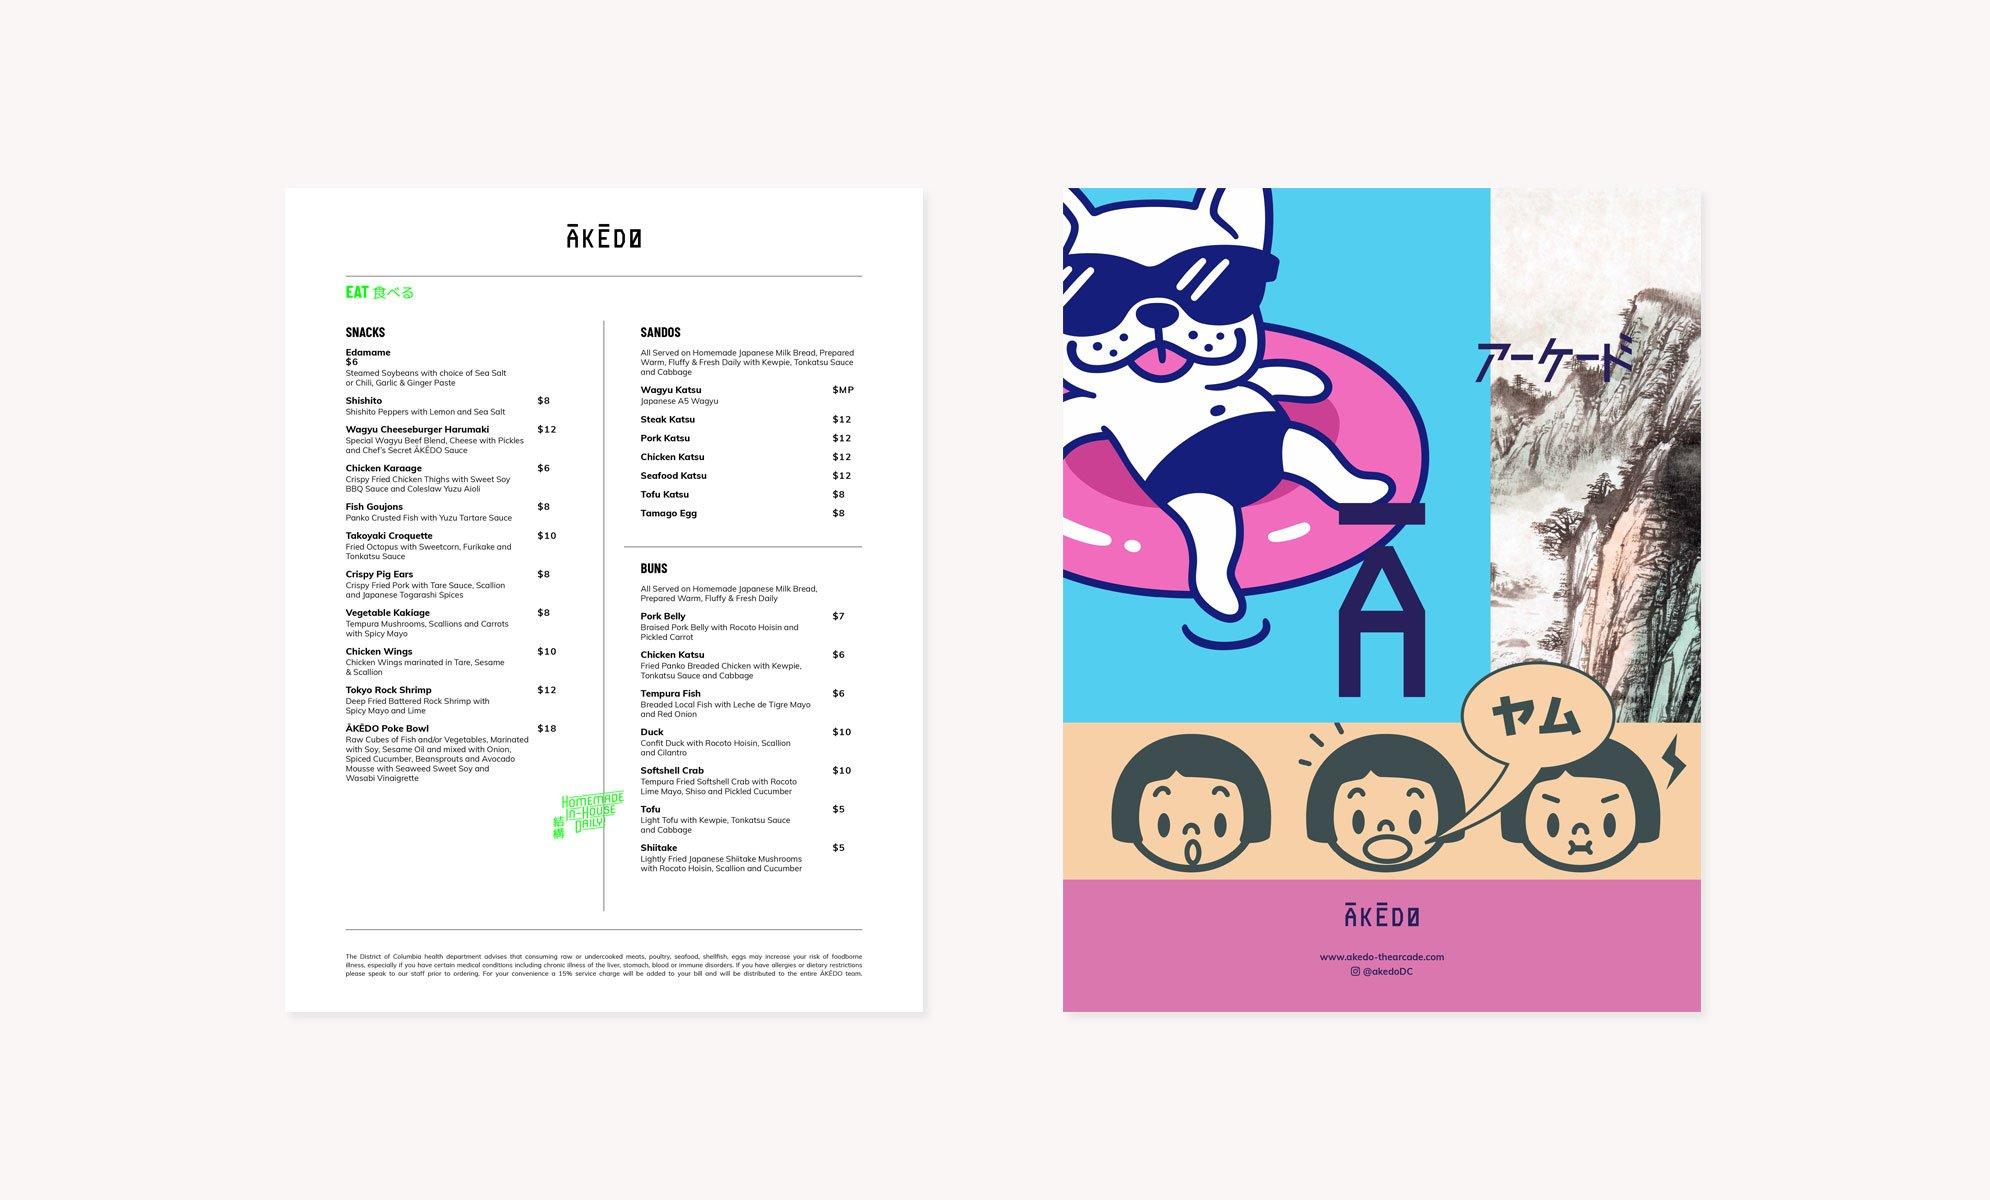 restaurant brand agency spinach branding akedo